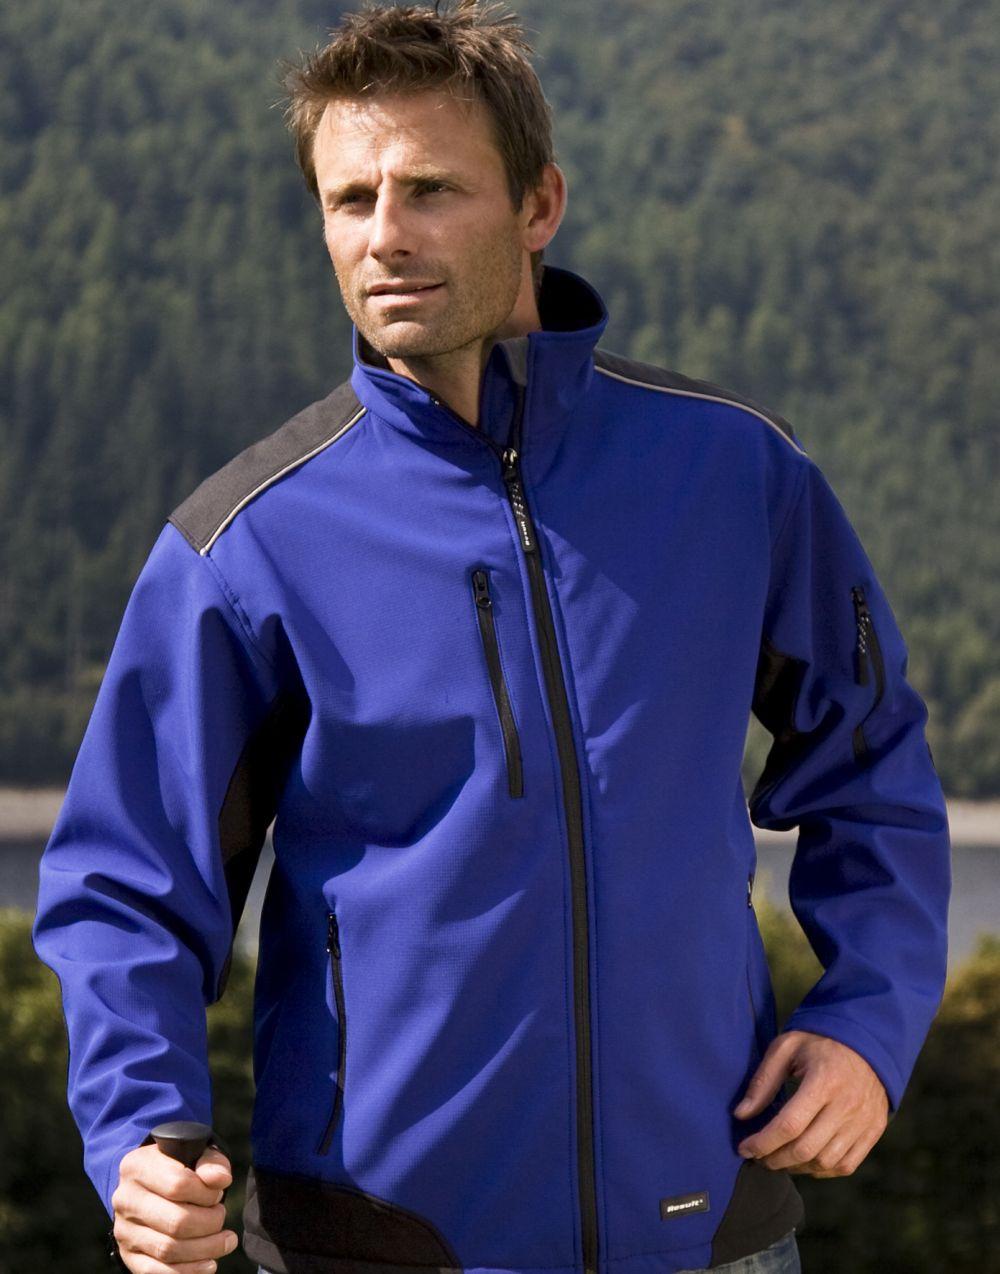 Chaquetas y cazadoras de trabajo result chaqueta de trabajo softshell ripstop con logo imagen 4